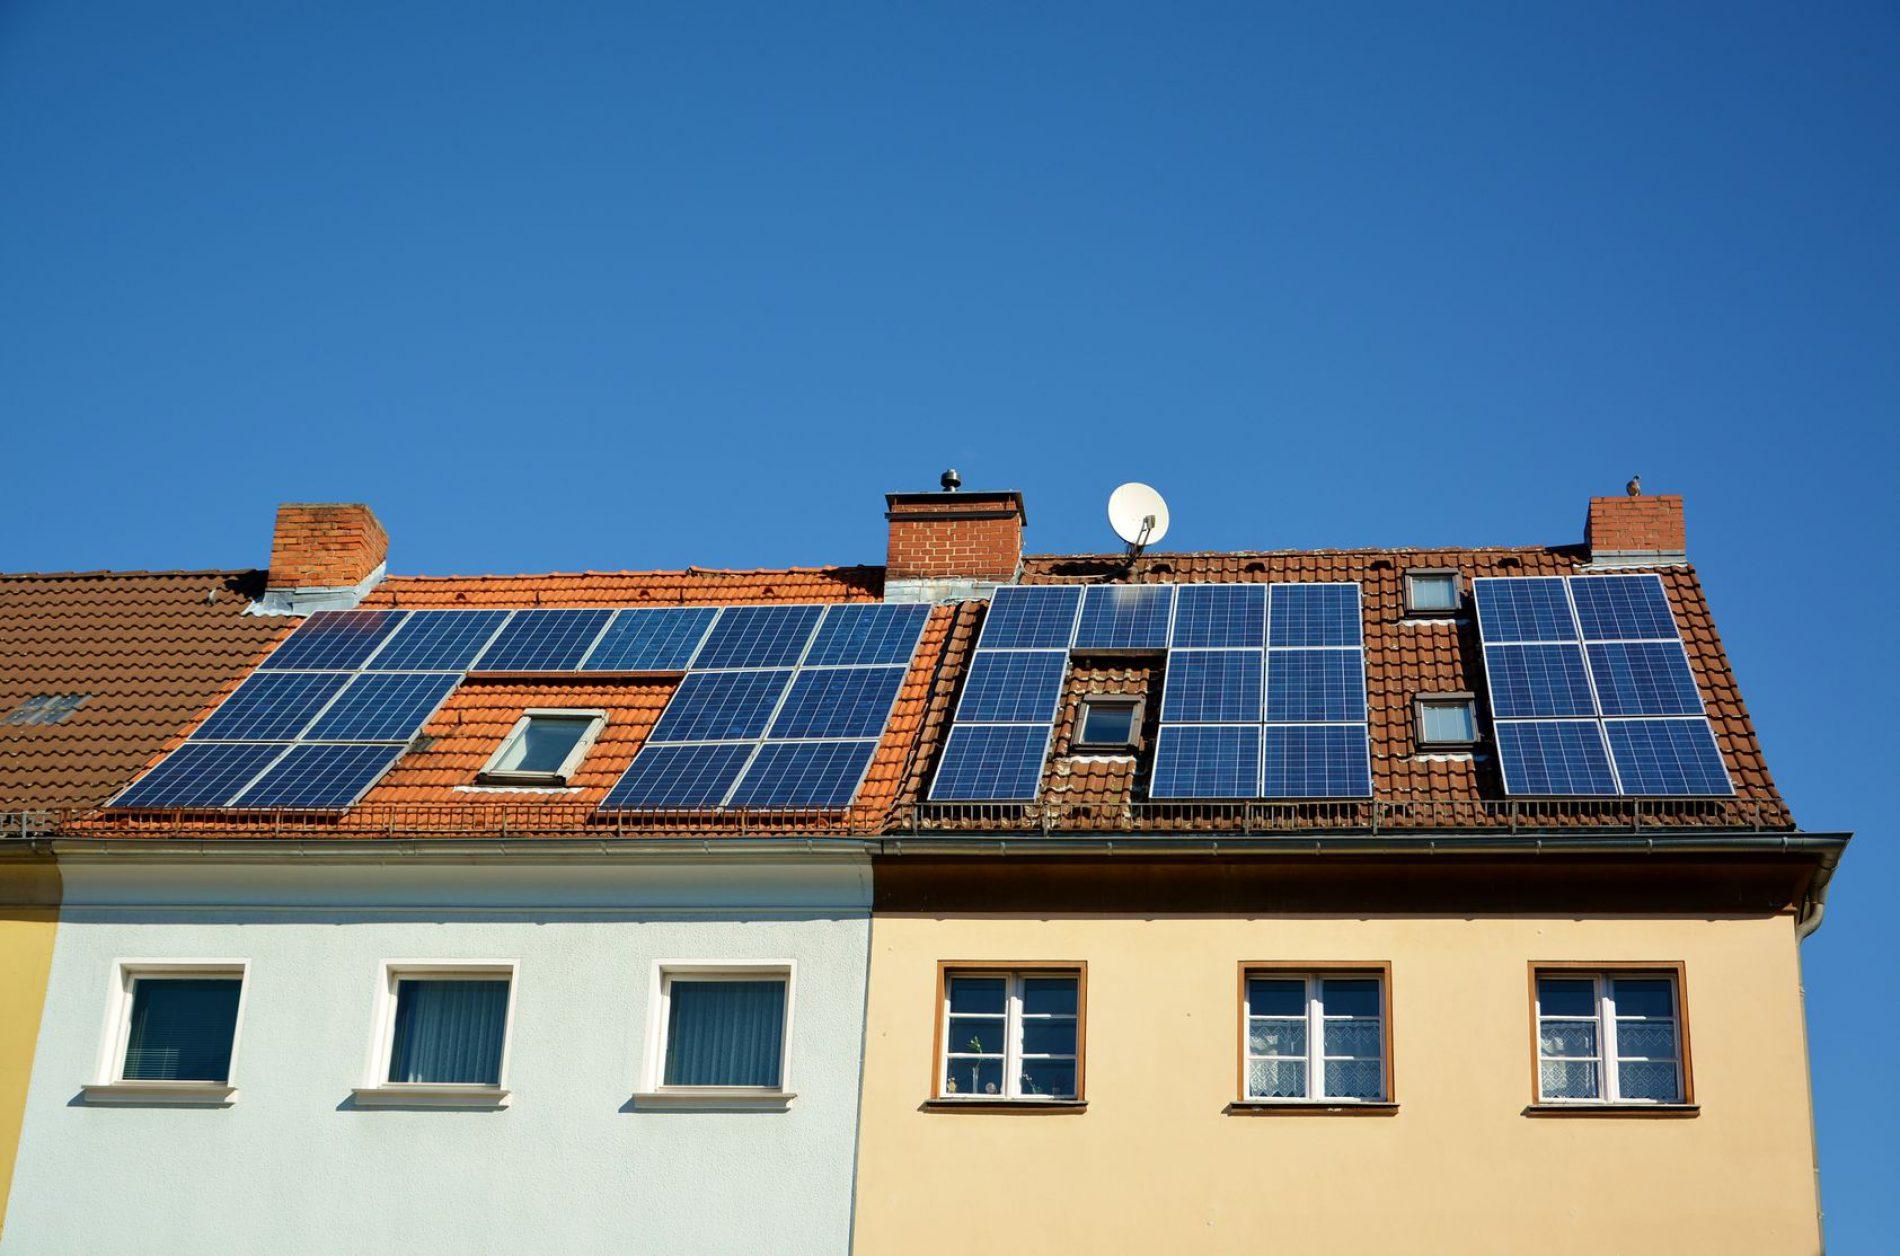 Prestazioni energetiche degli edifici: interrogazione alla camera